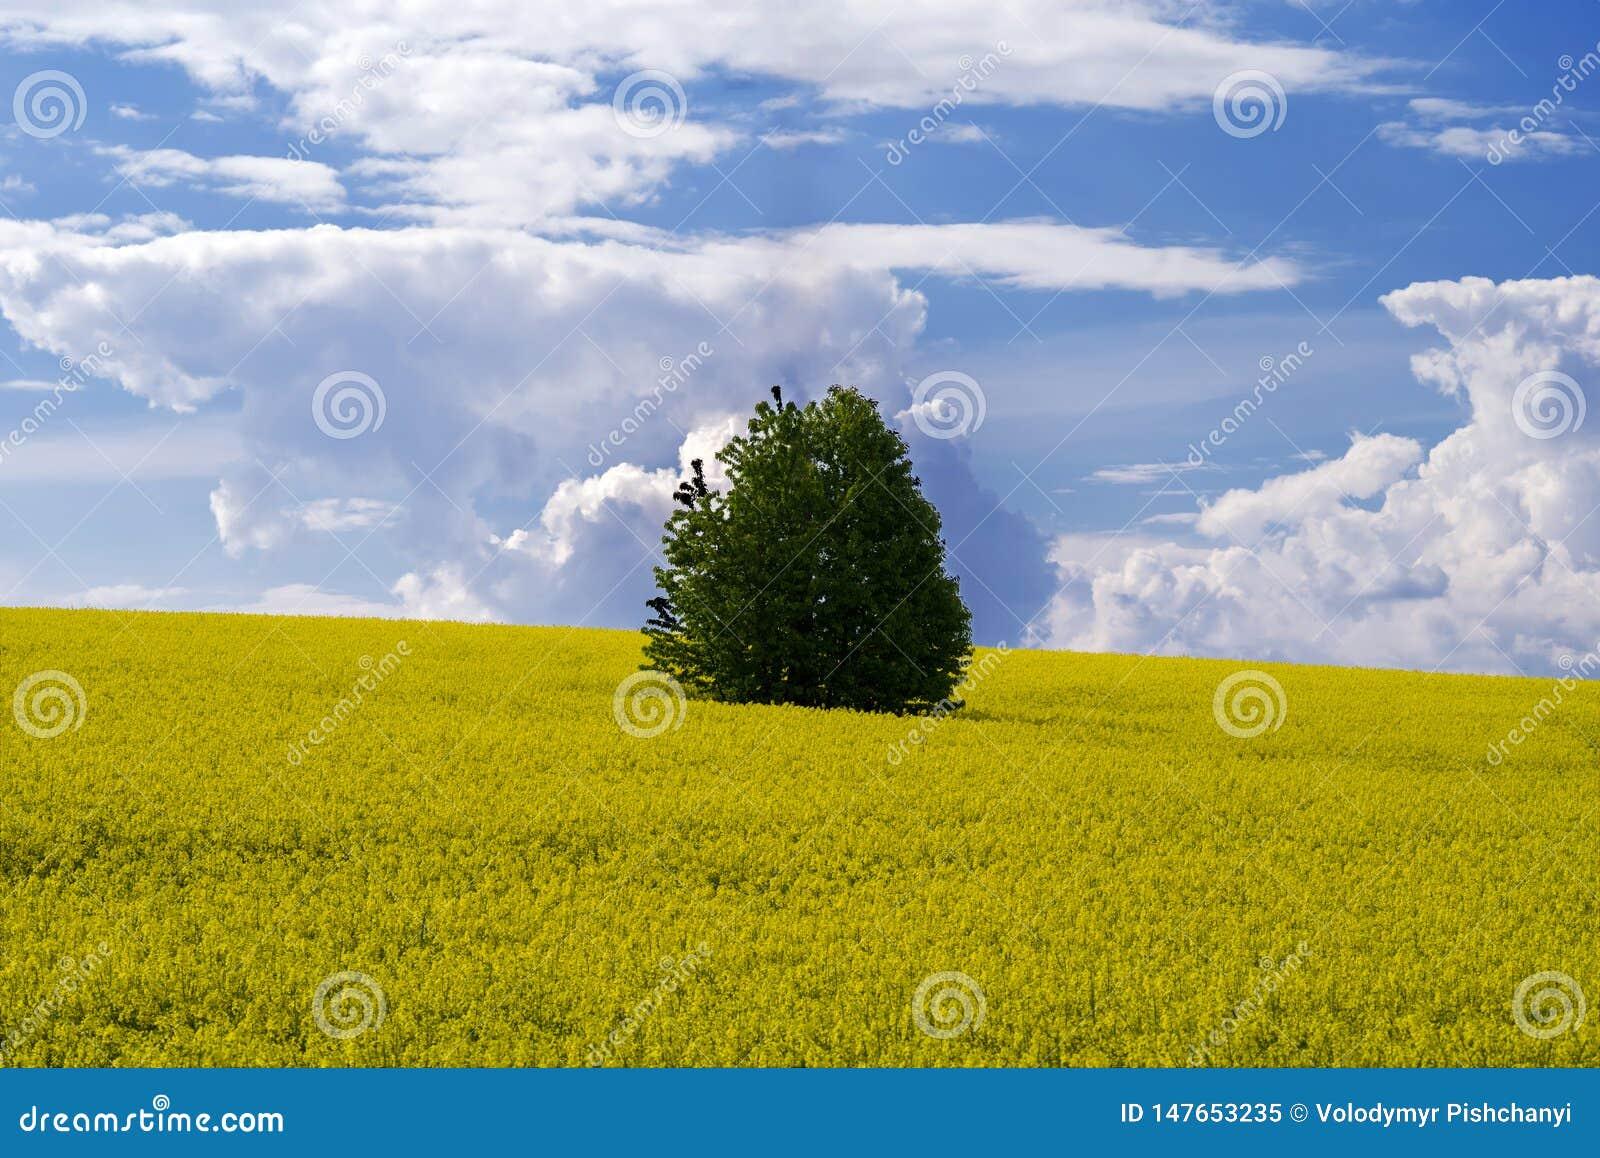 Ένα μόνο δέντρο στη μέση ενός τομέα του canola άνθισης ενάντια σε έναν μπλε ουρανό με τα σύννεφα